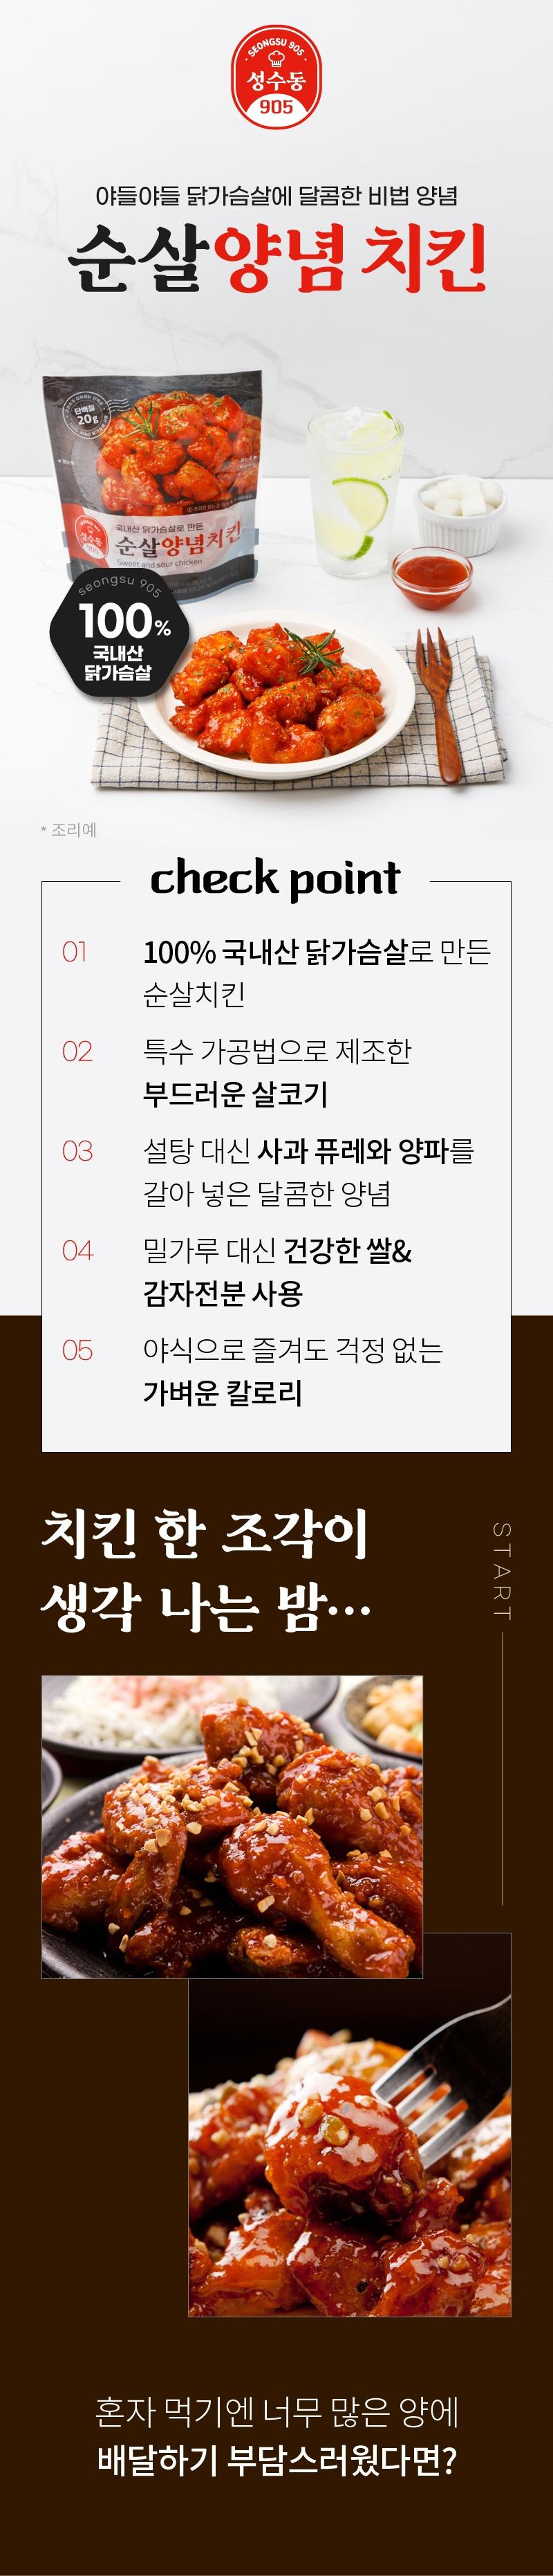 성수동905 순살양념치킨 체험단 모집 (09.03~09.16)